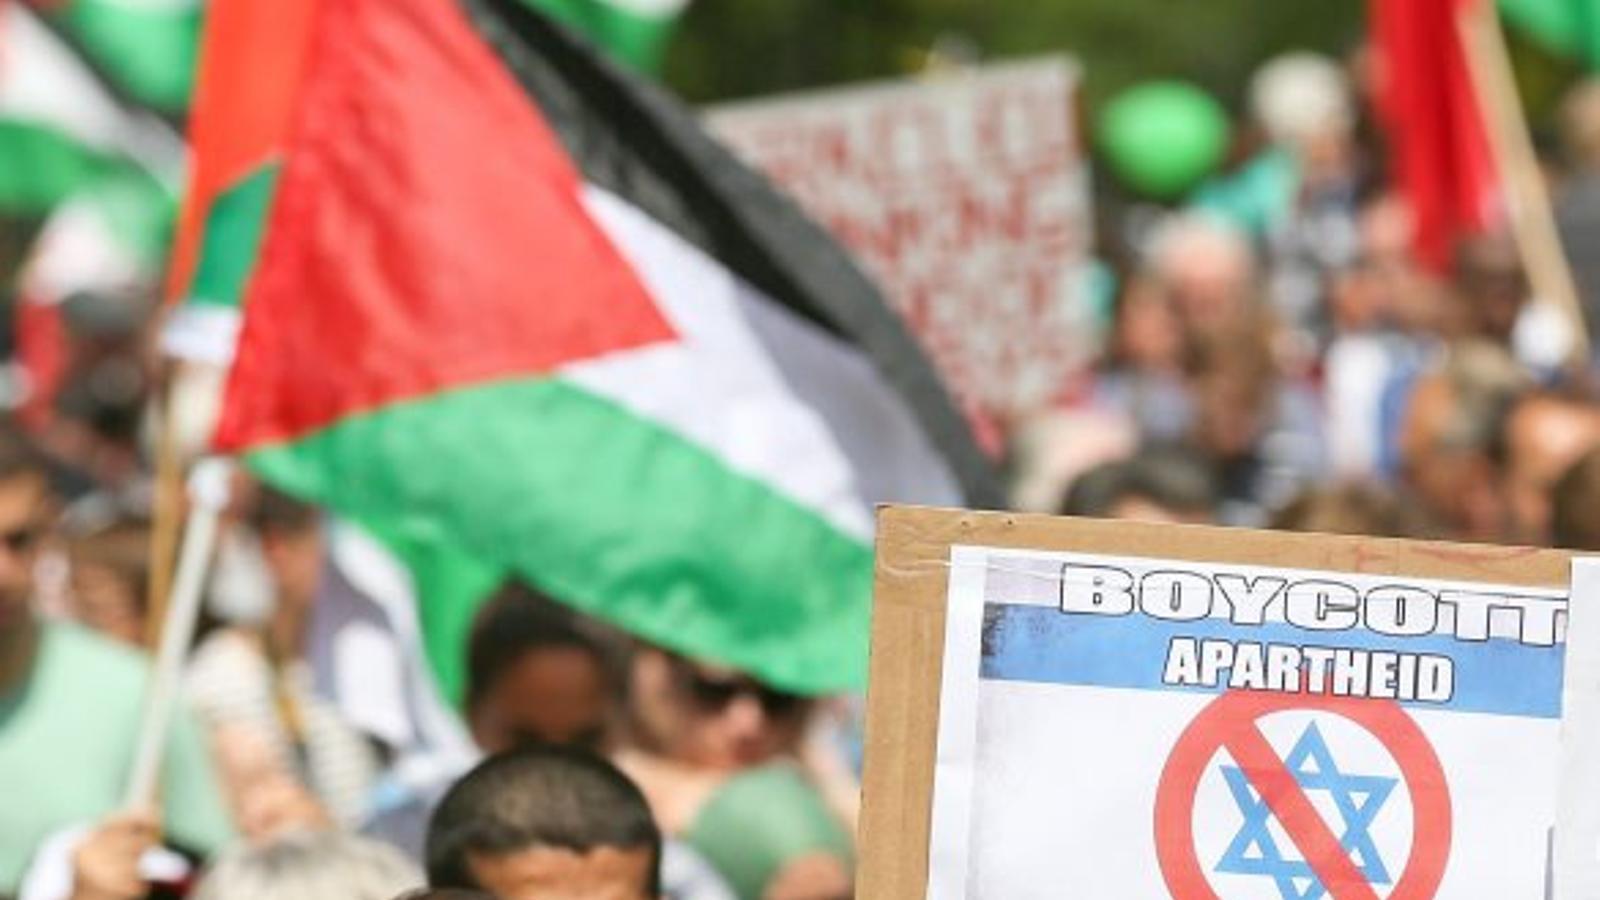 ¿Produït a Israel o als territoris ocupats?